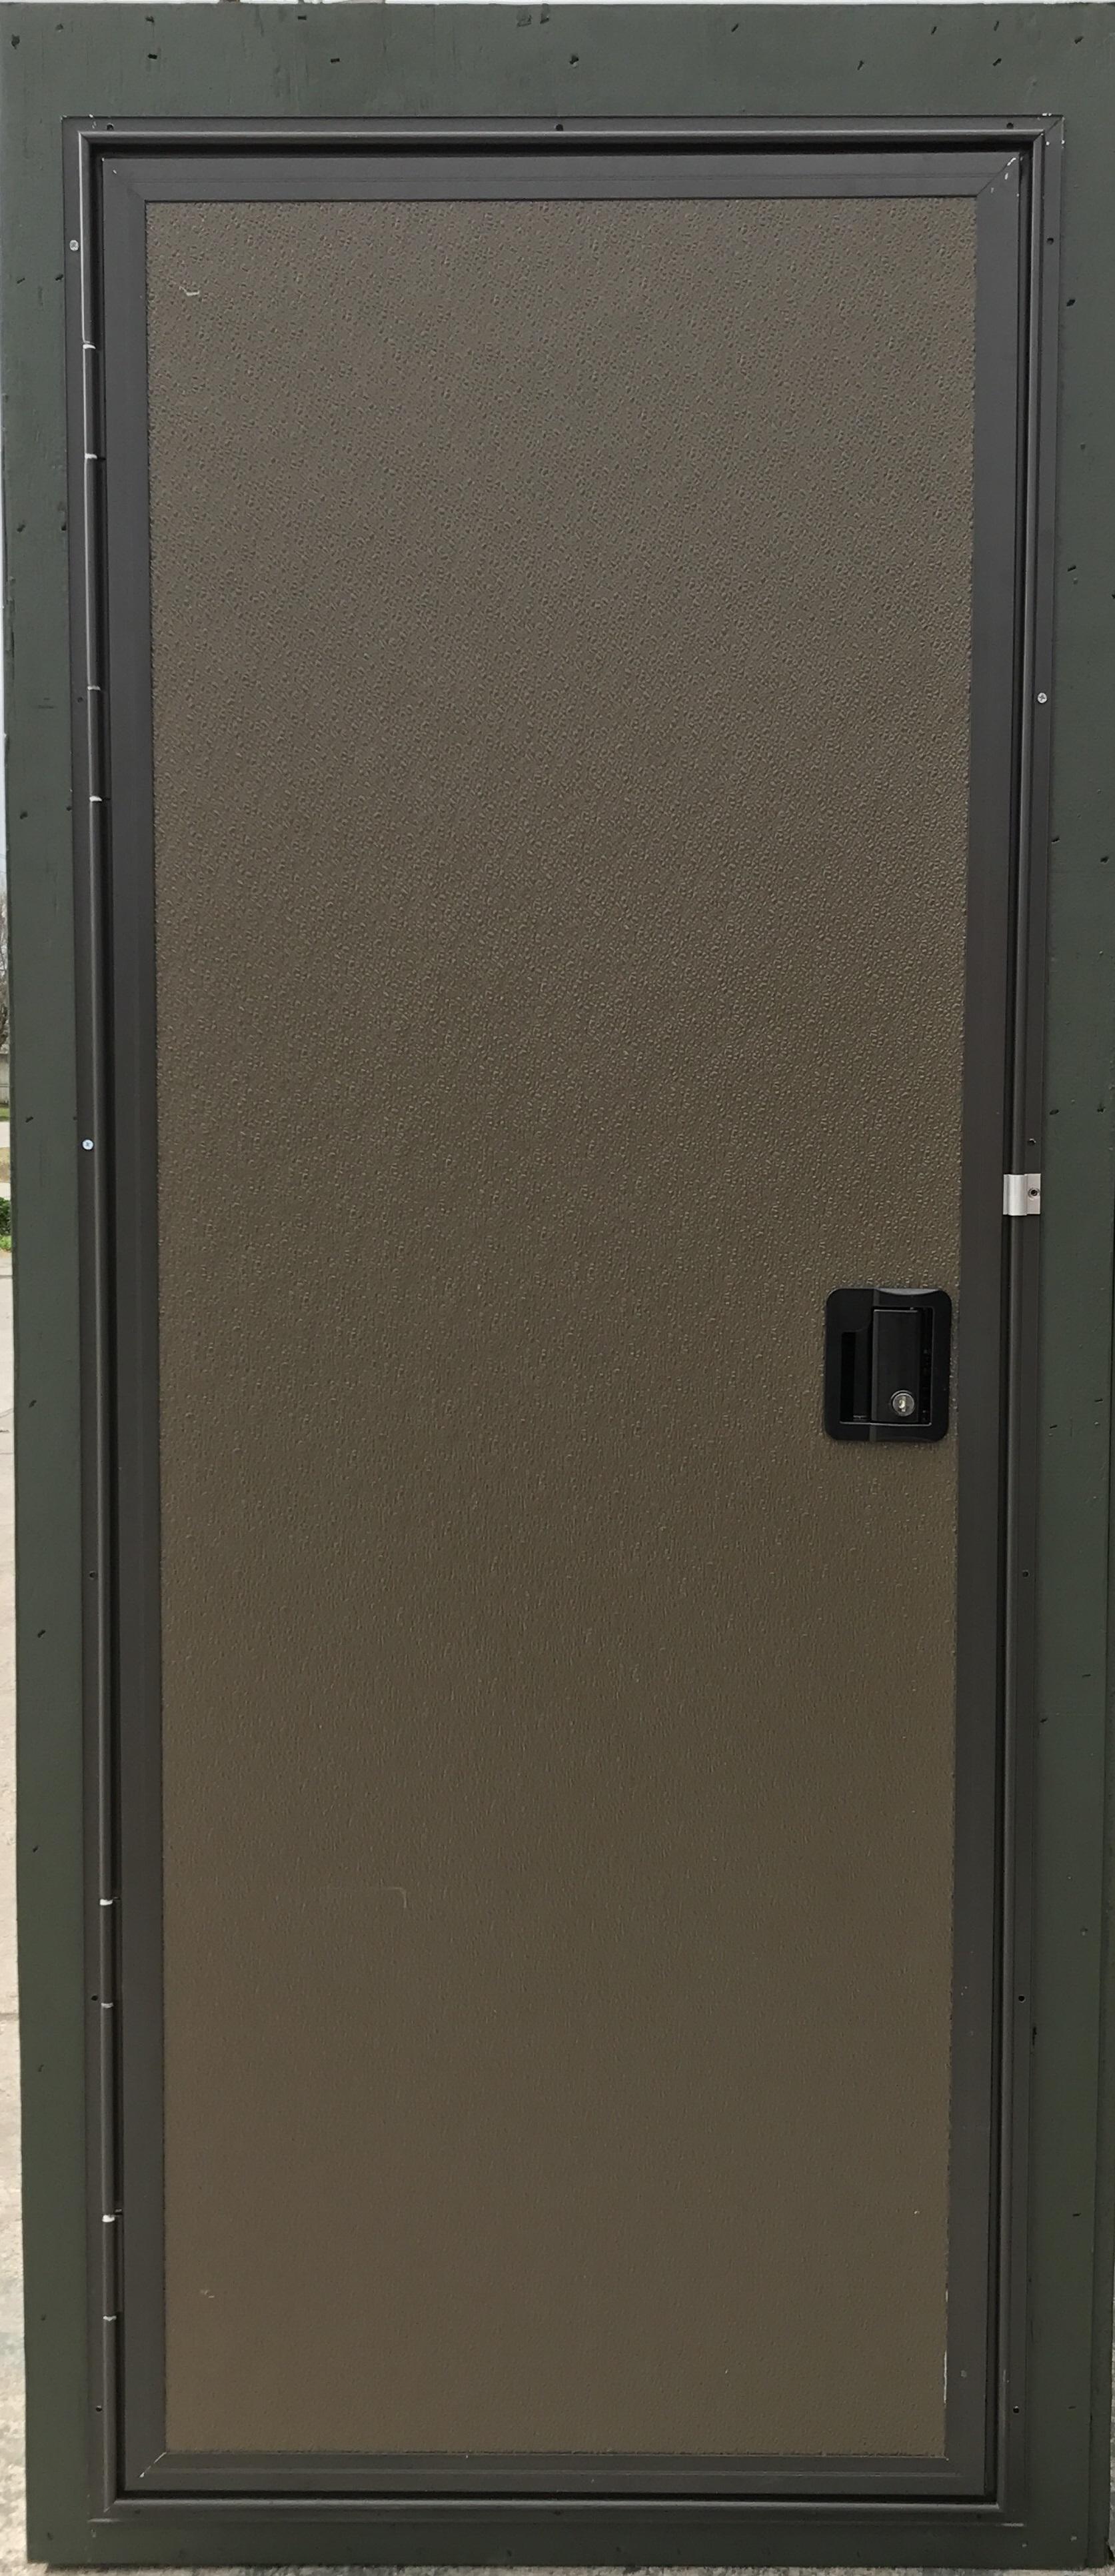 24½ X 60¼ Deer Blind Door - The Original Deer Blind Window Co